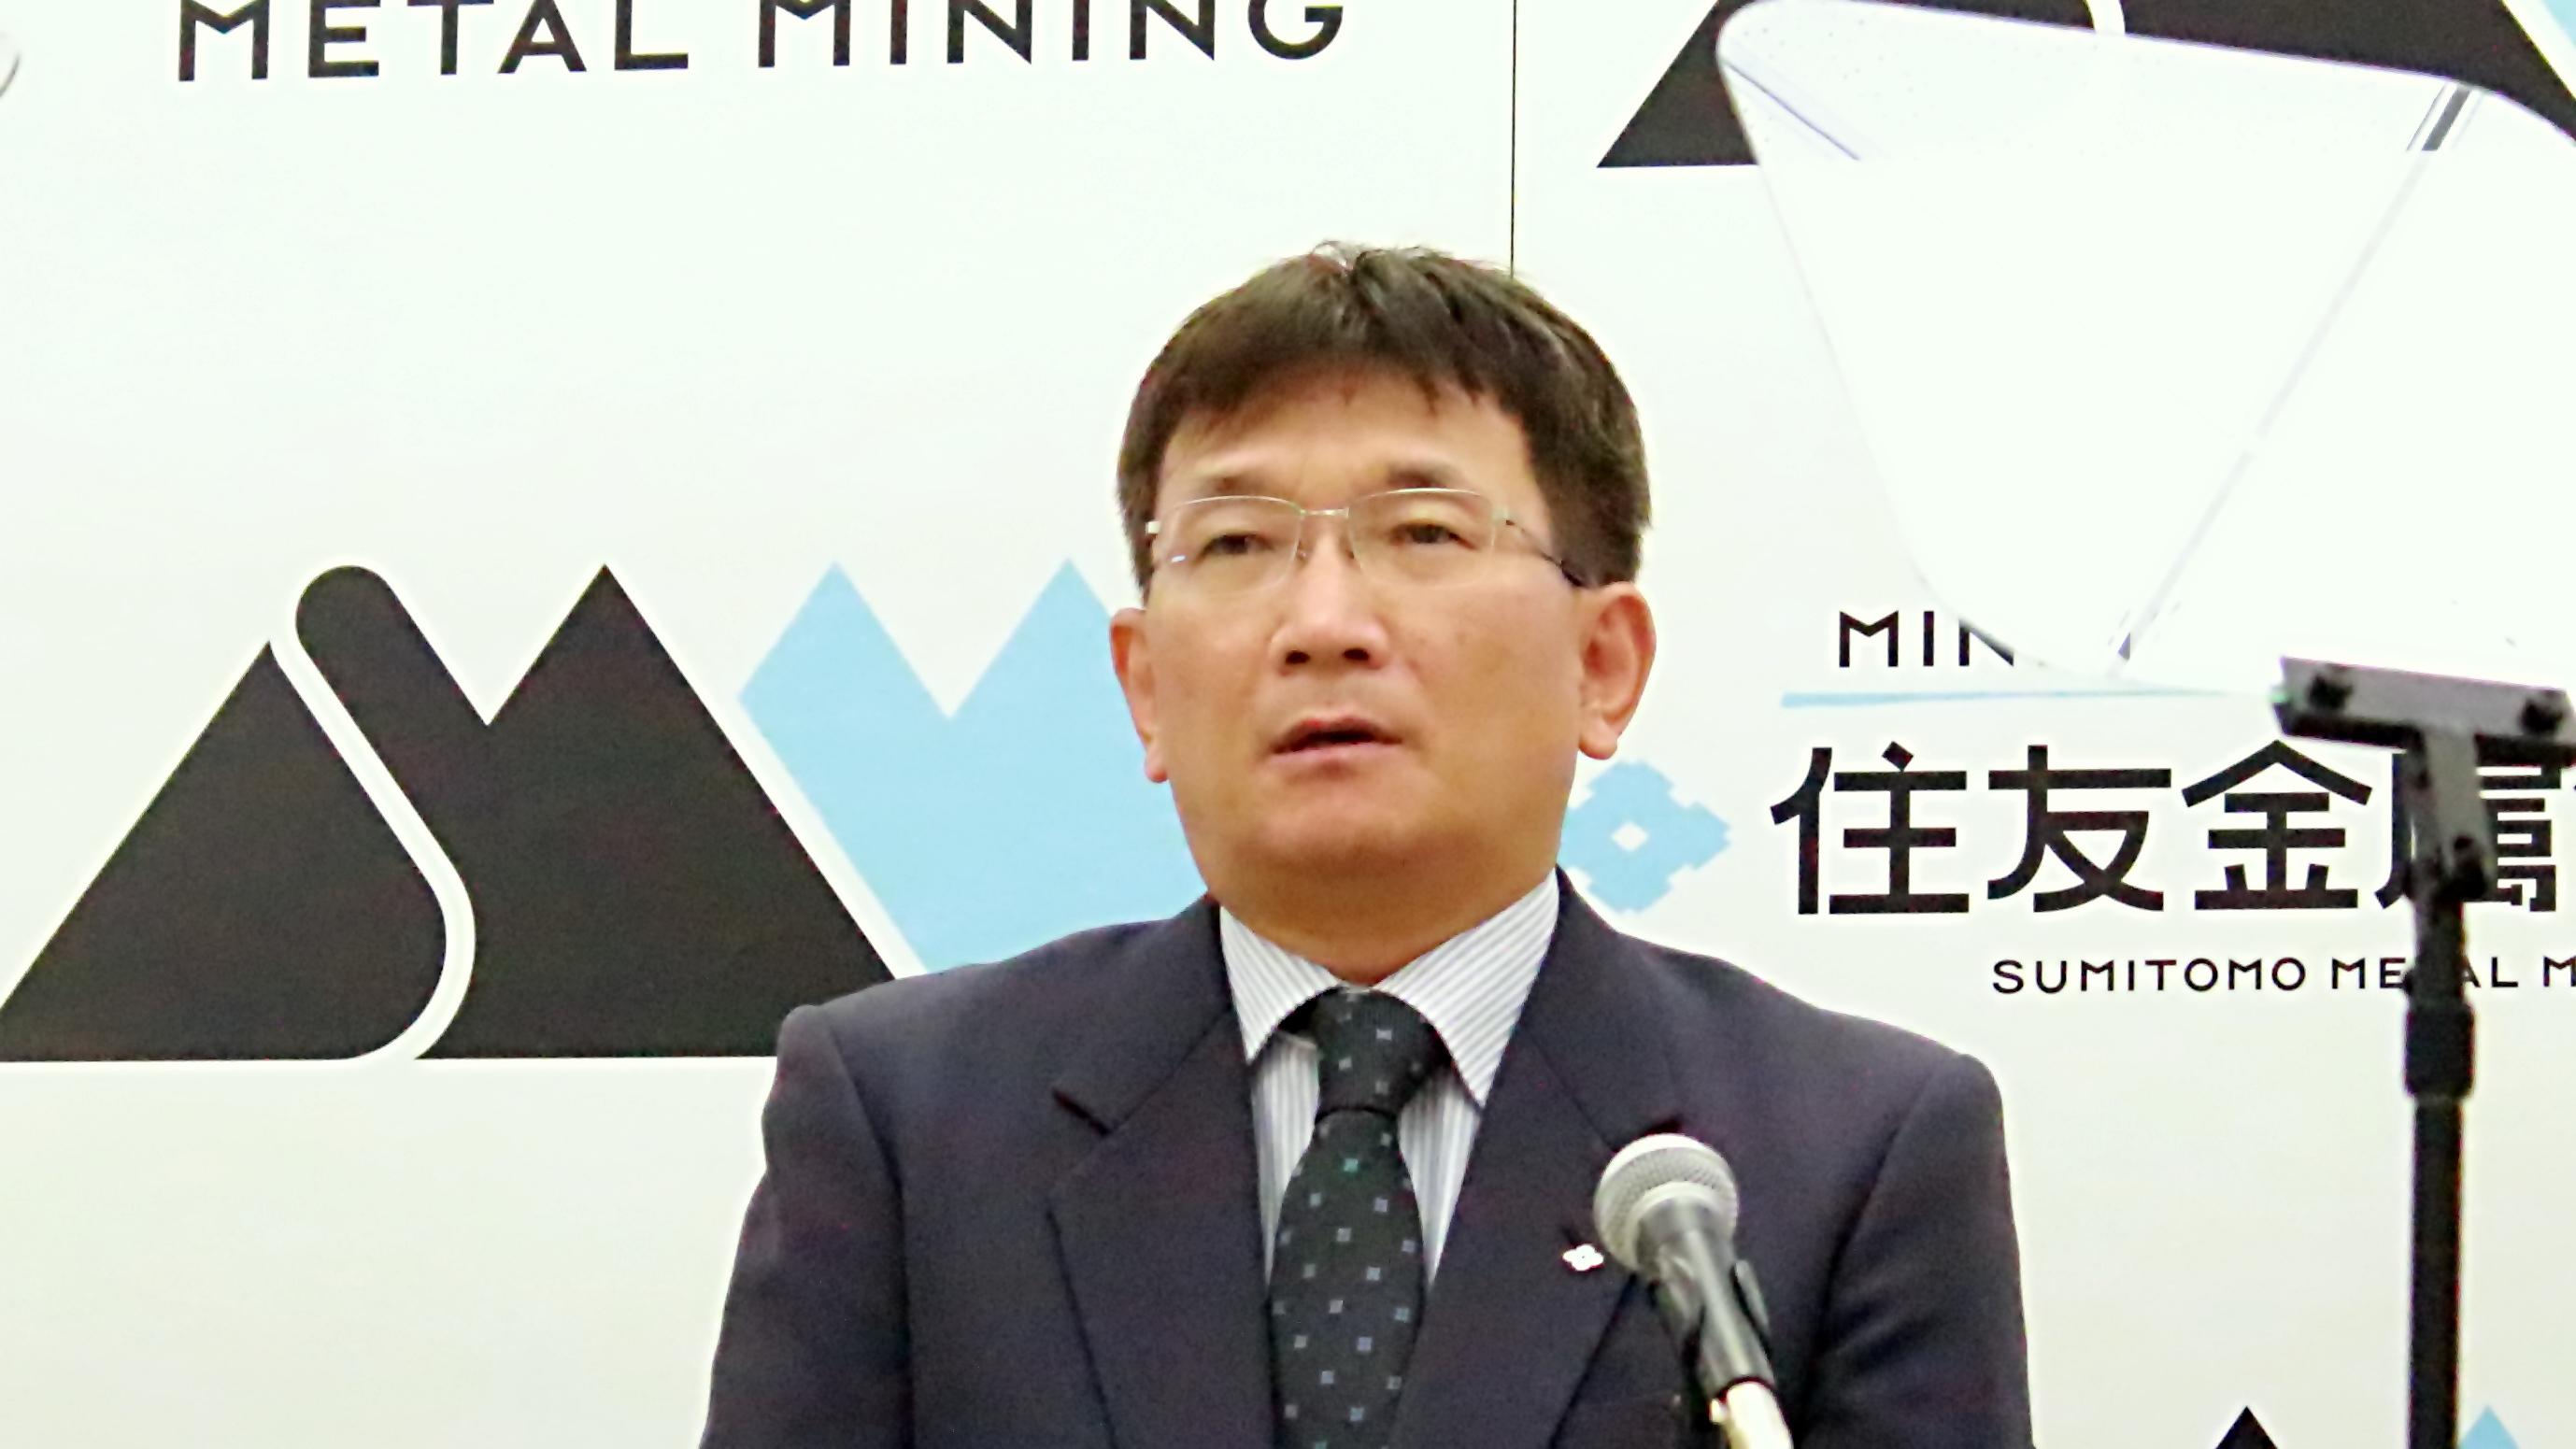 住友金属鉱山 IR-Day 2020|電池材料事業、資源・製錬・材料の一貫したサプライチェーン リサイクルも注力